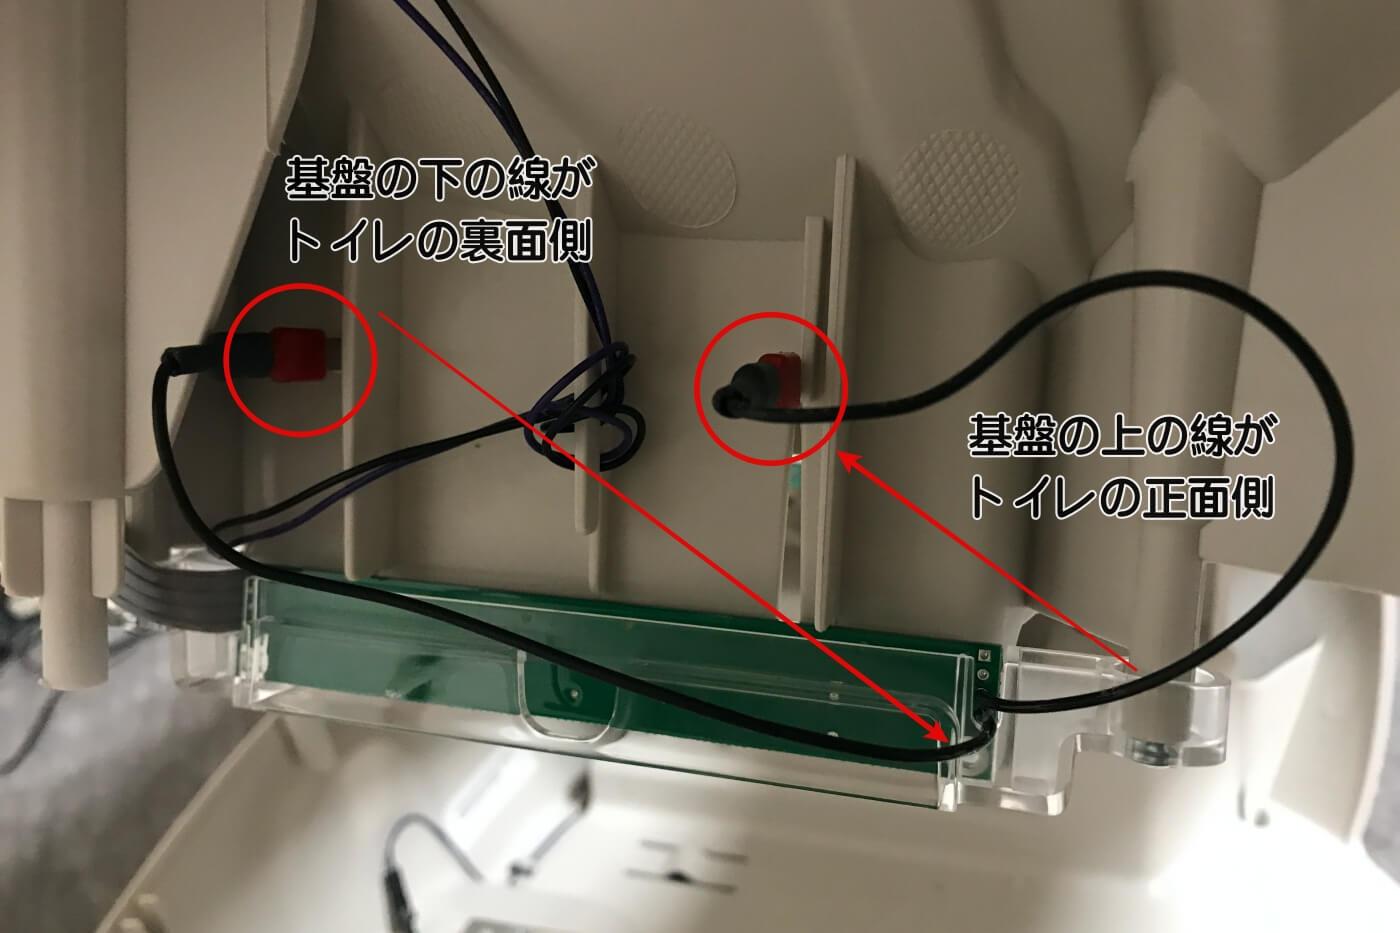 DFIハードウェアの配線に注意